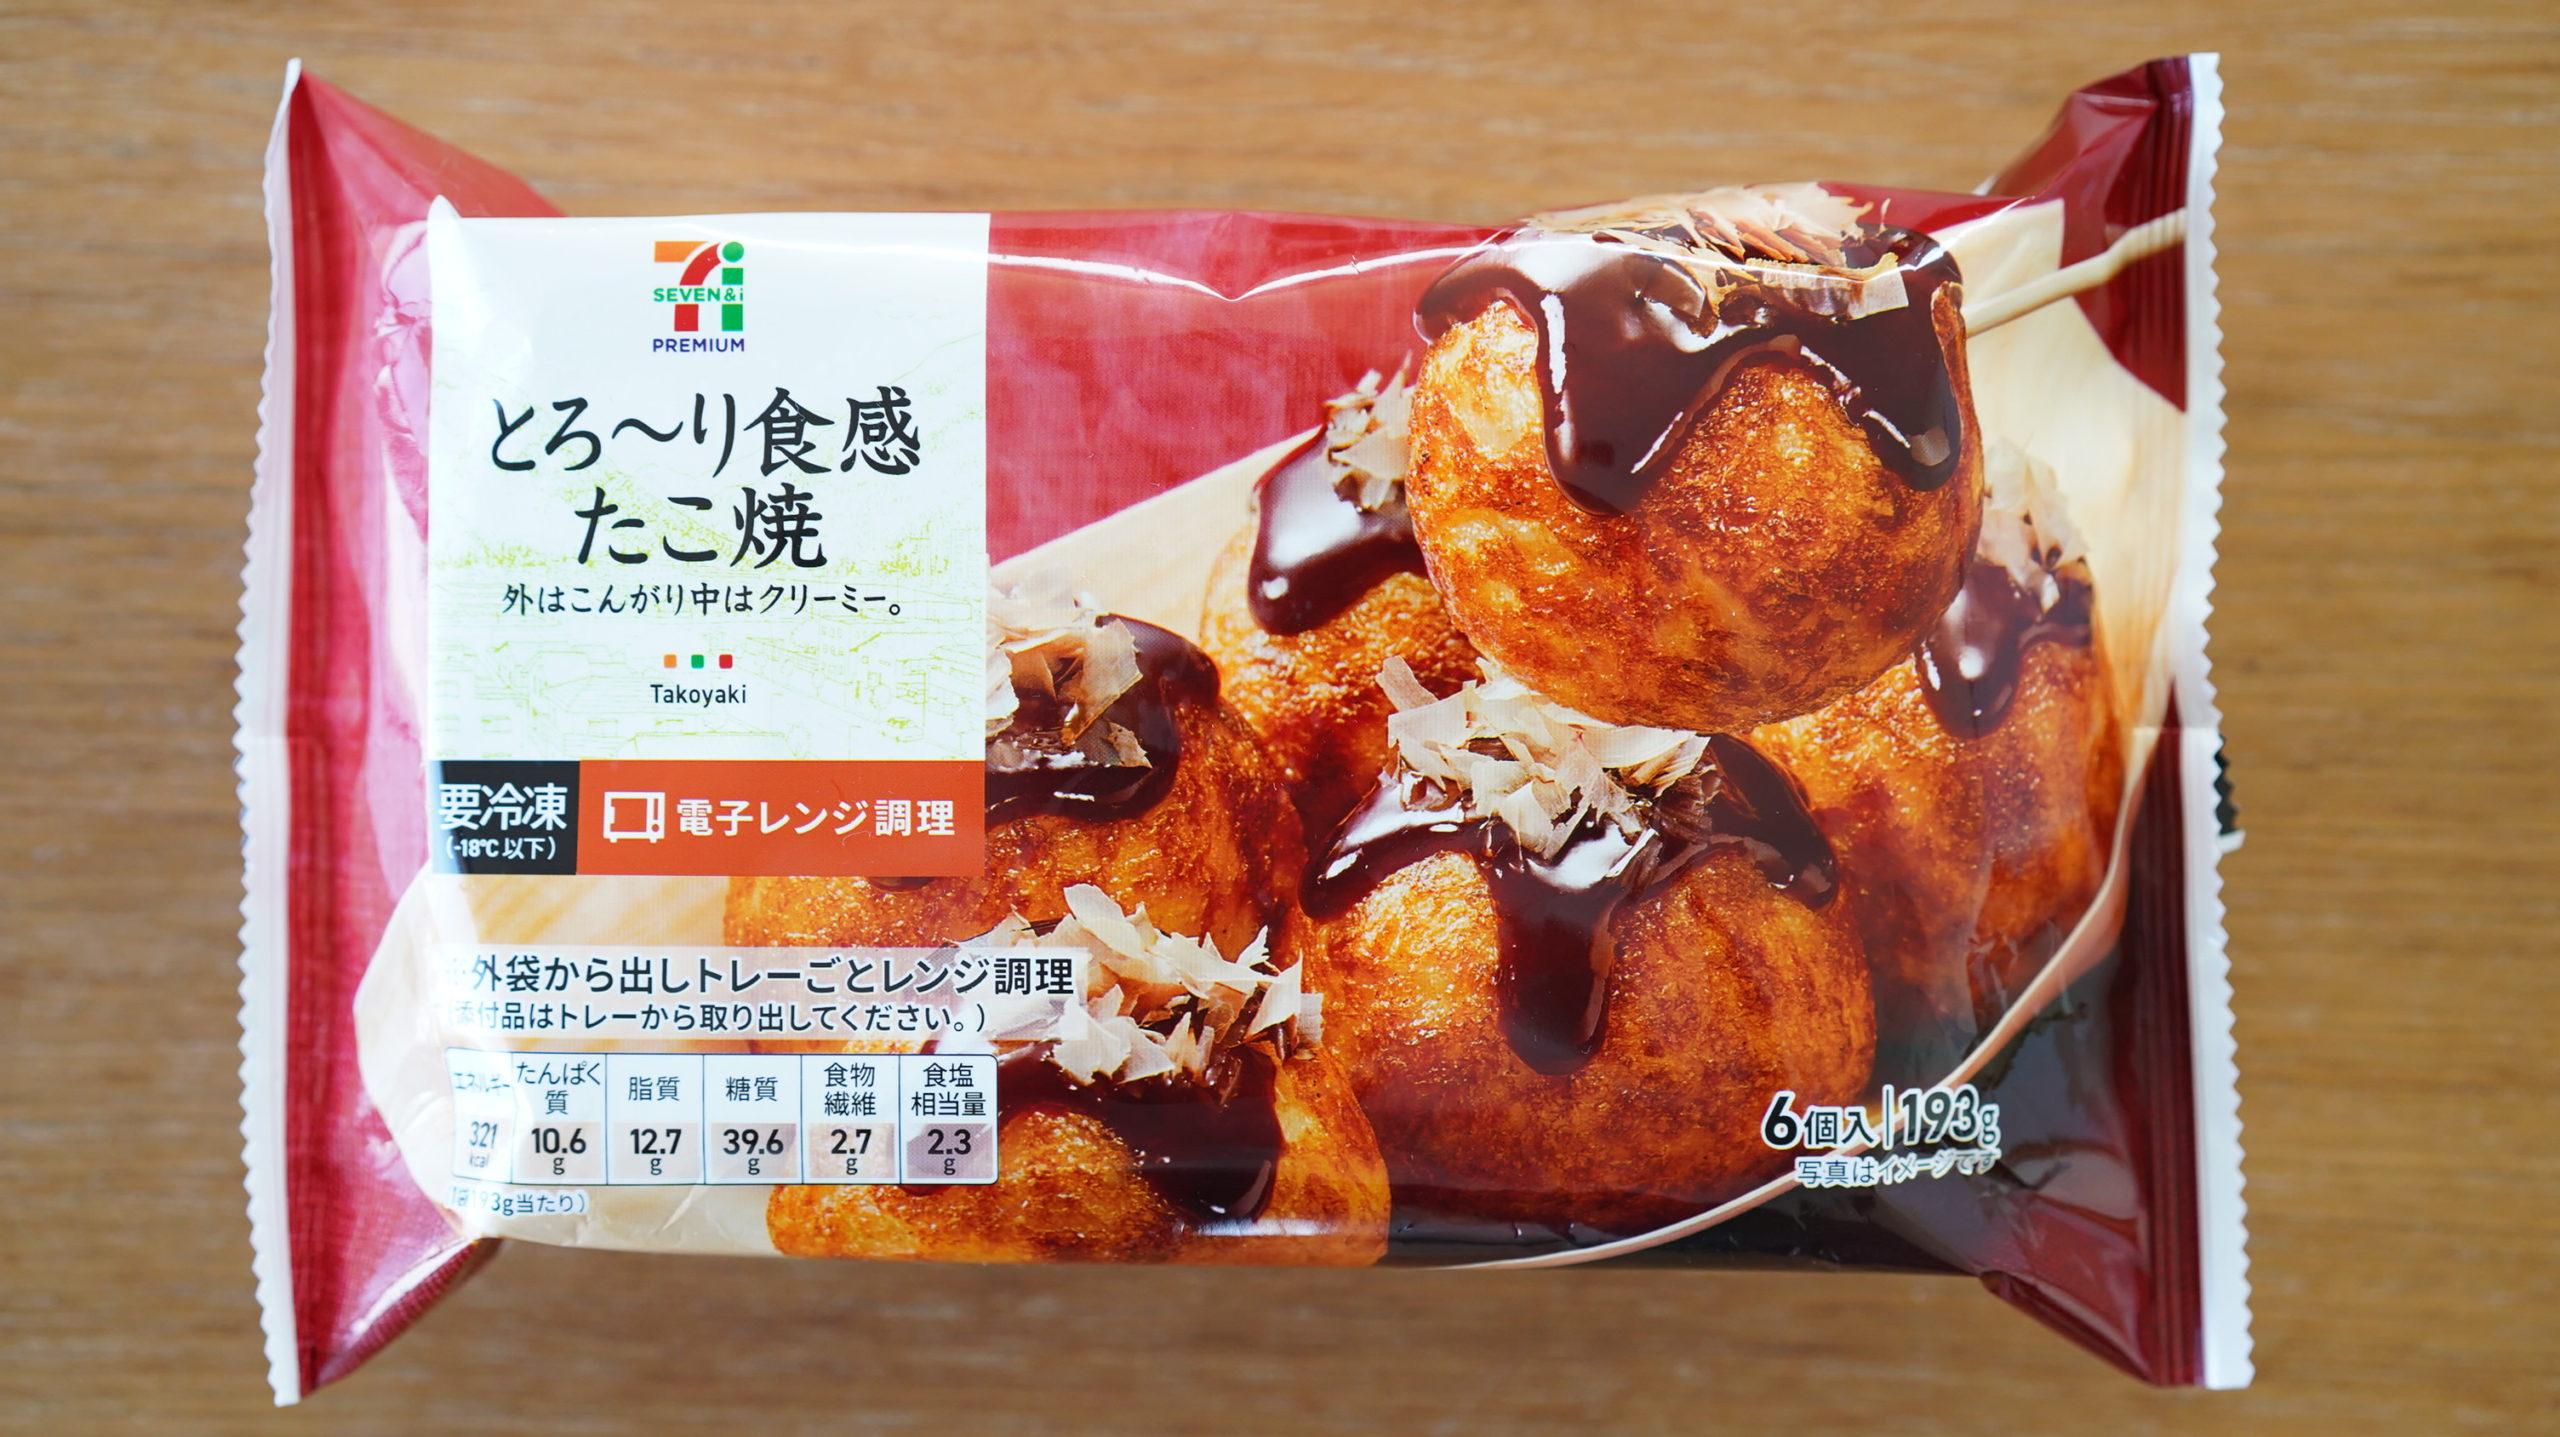 セブンイレブンのおすすめ冷凍食品「たこ焼き」のパッケージ写真